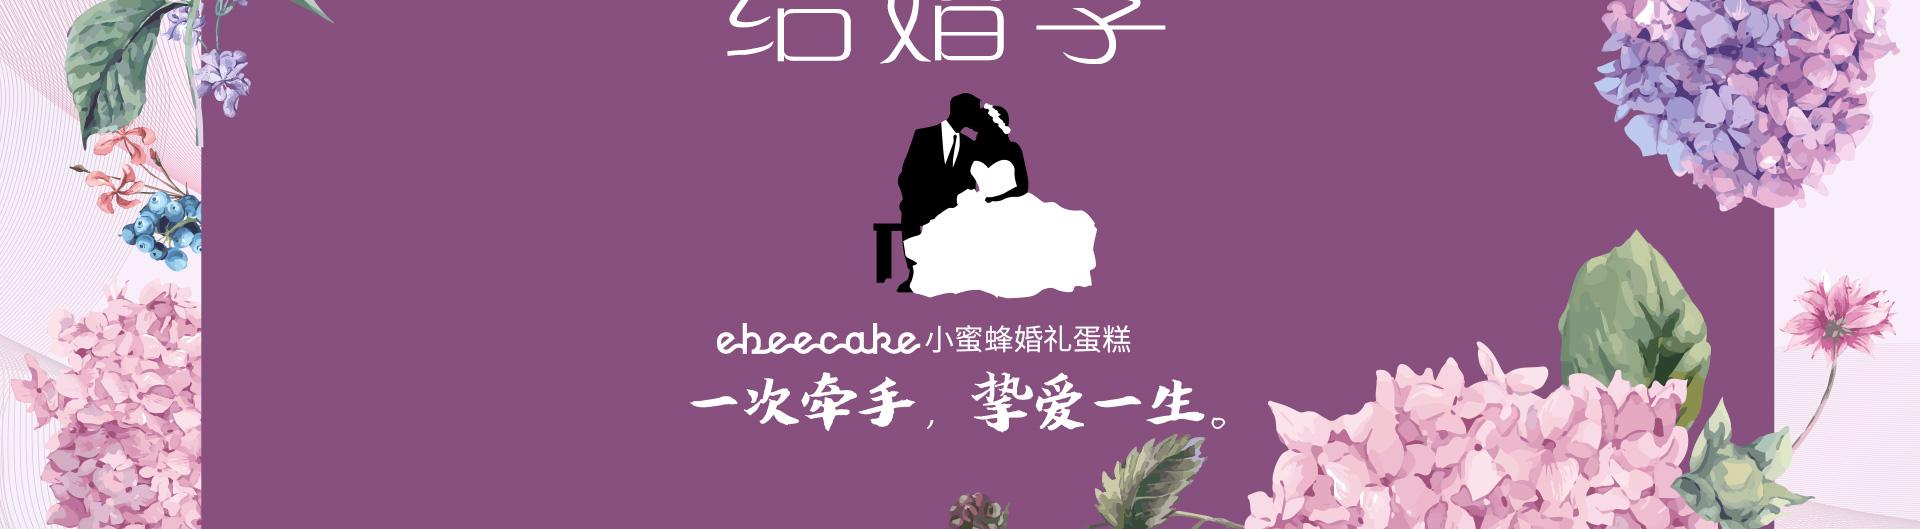 婚礼蛋糕定制 wedding 一次牵手,挚爱一生 ebeecake小蜜蜂蛋糕